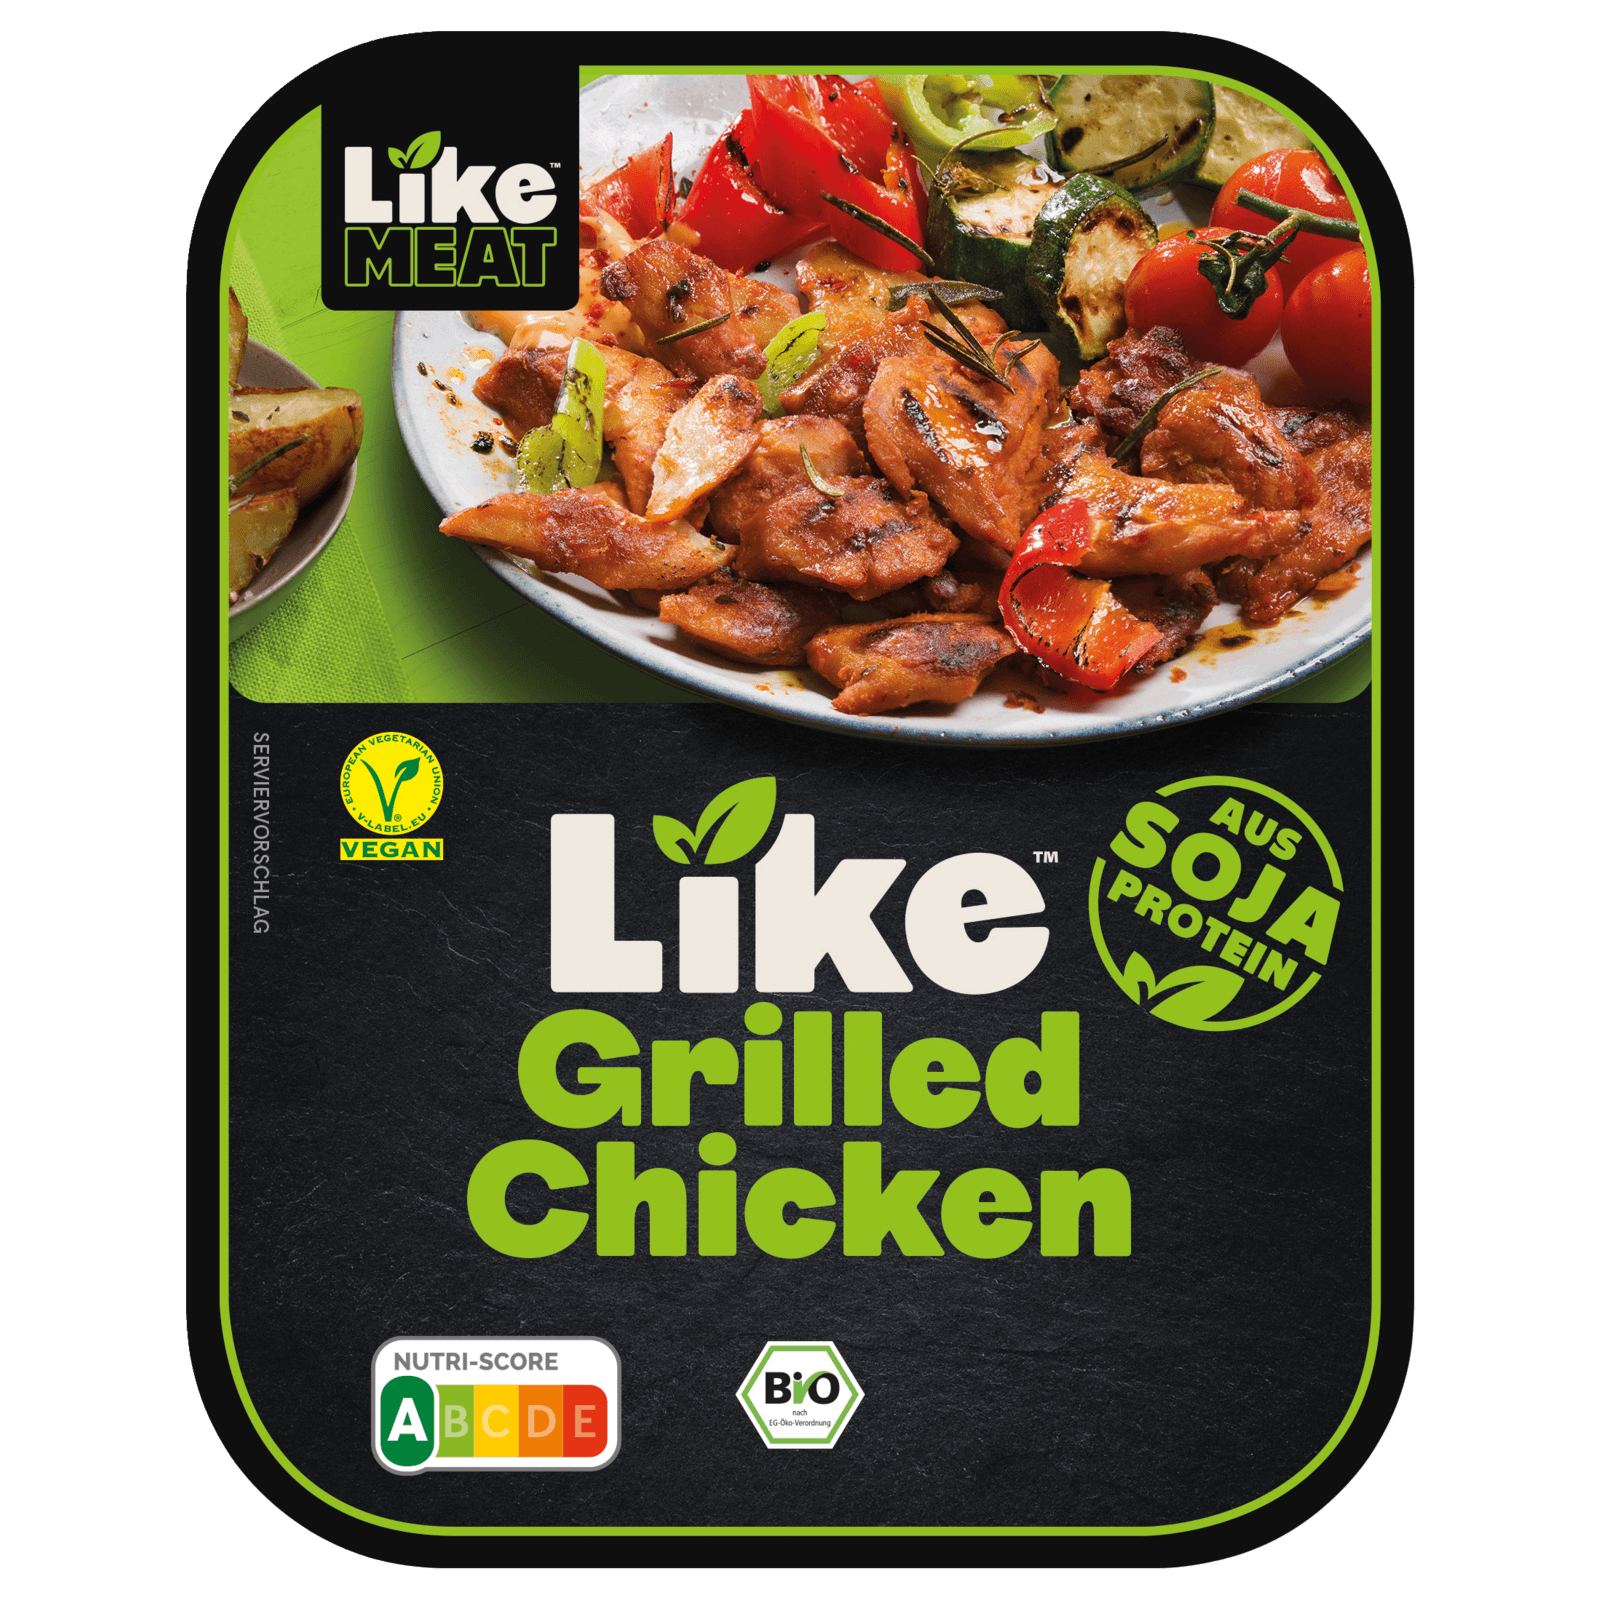 LikeMeat Bio Grilled Chicken Paprika vegan 180g bei REWE online bestellen!